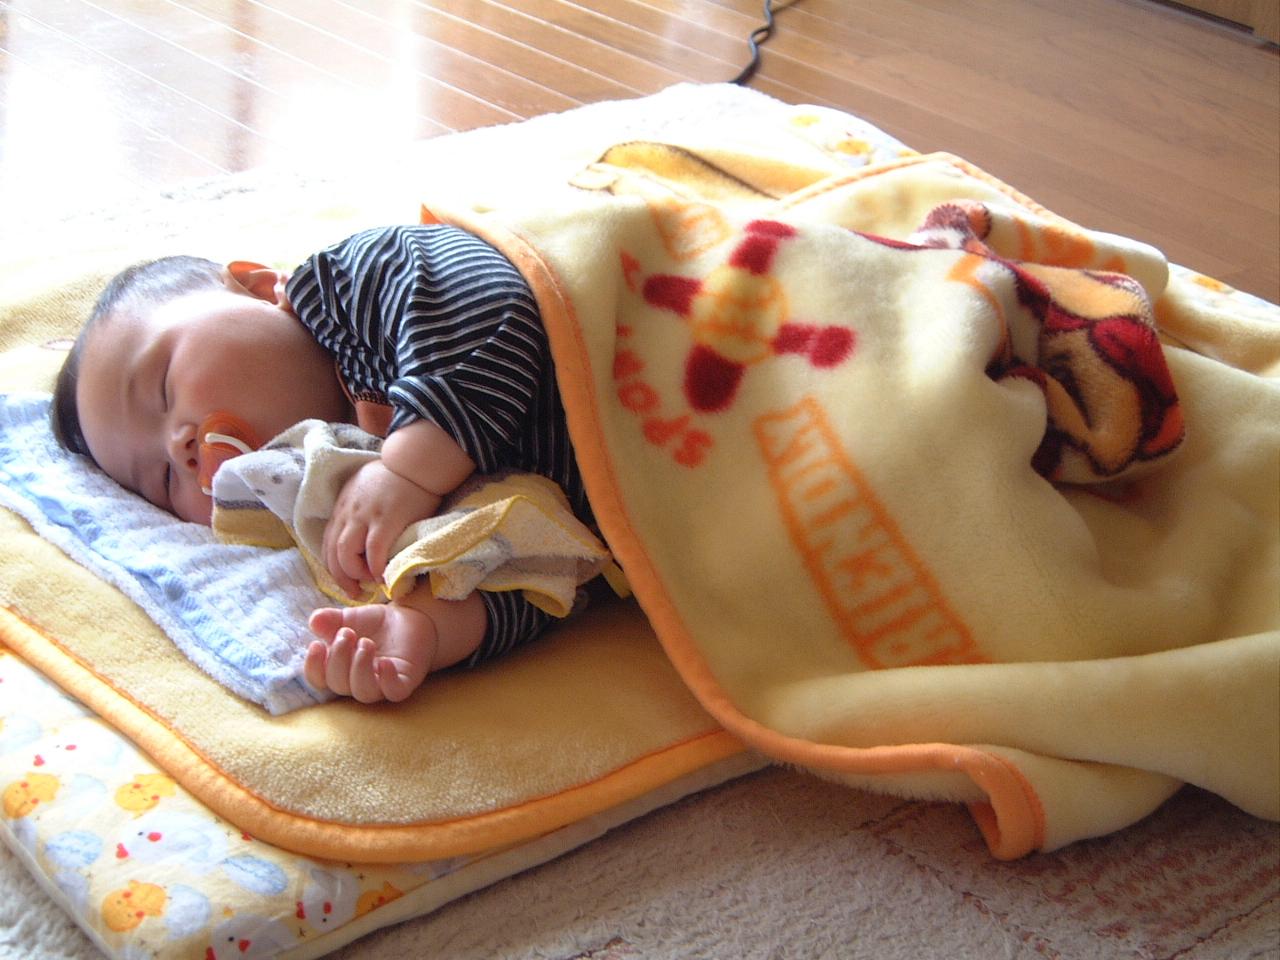 男の赤ちゃん 生後7ヵ月